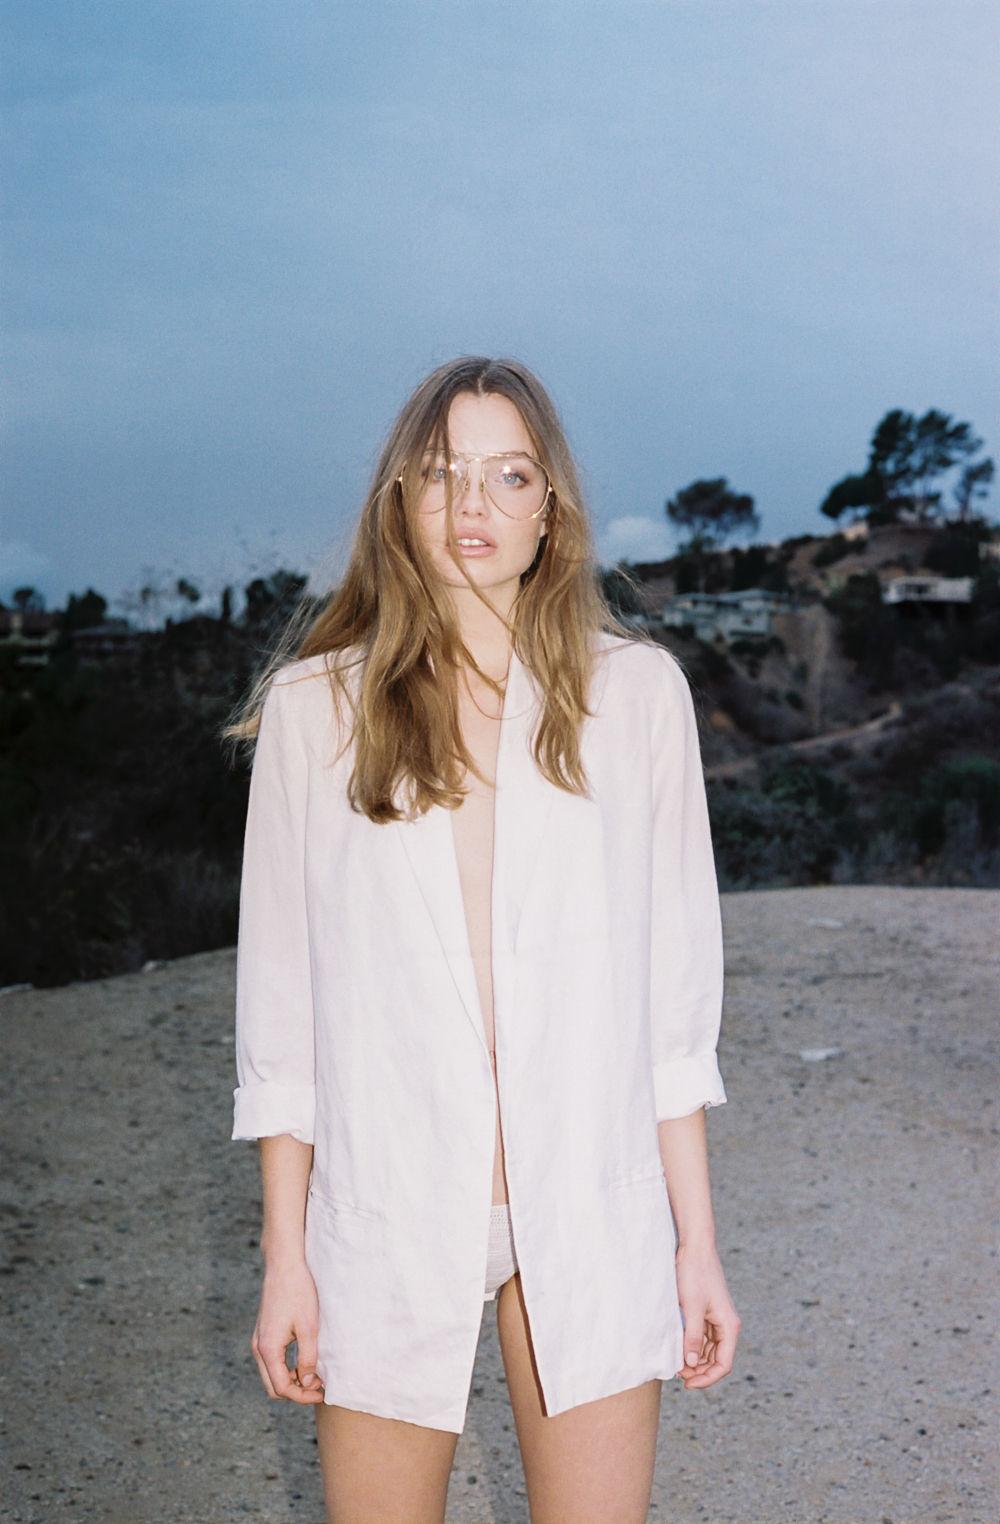 Kristine Froseth Nude & Sexy (31 Photos)